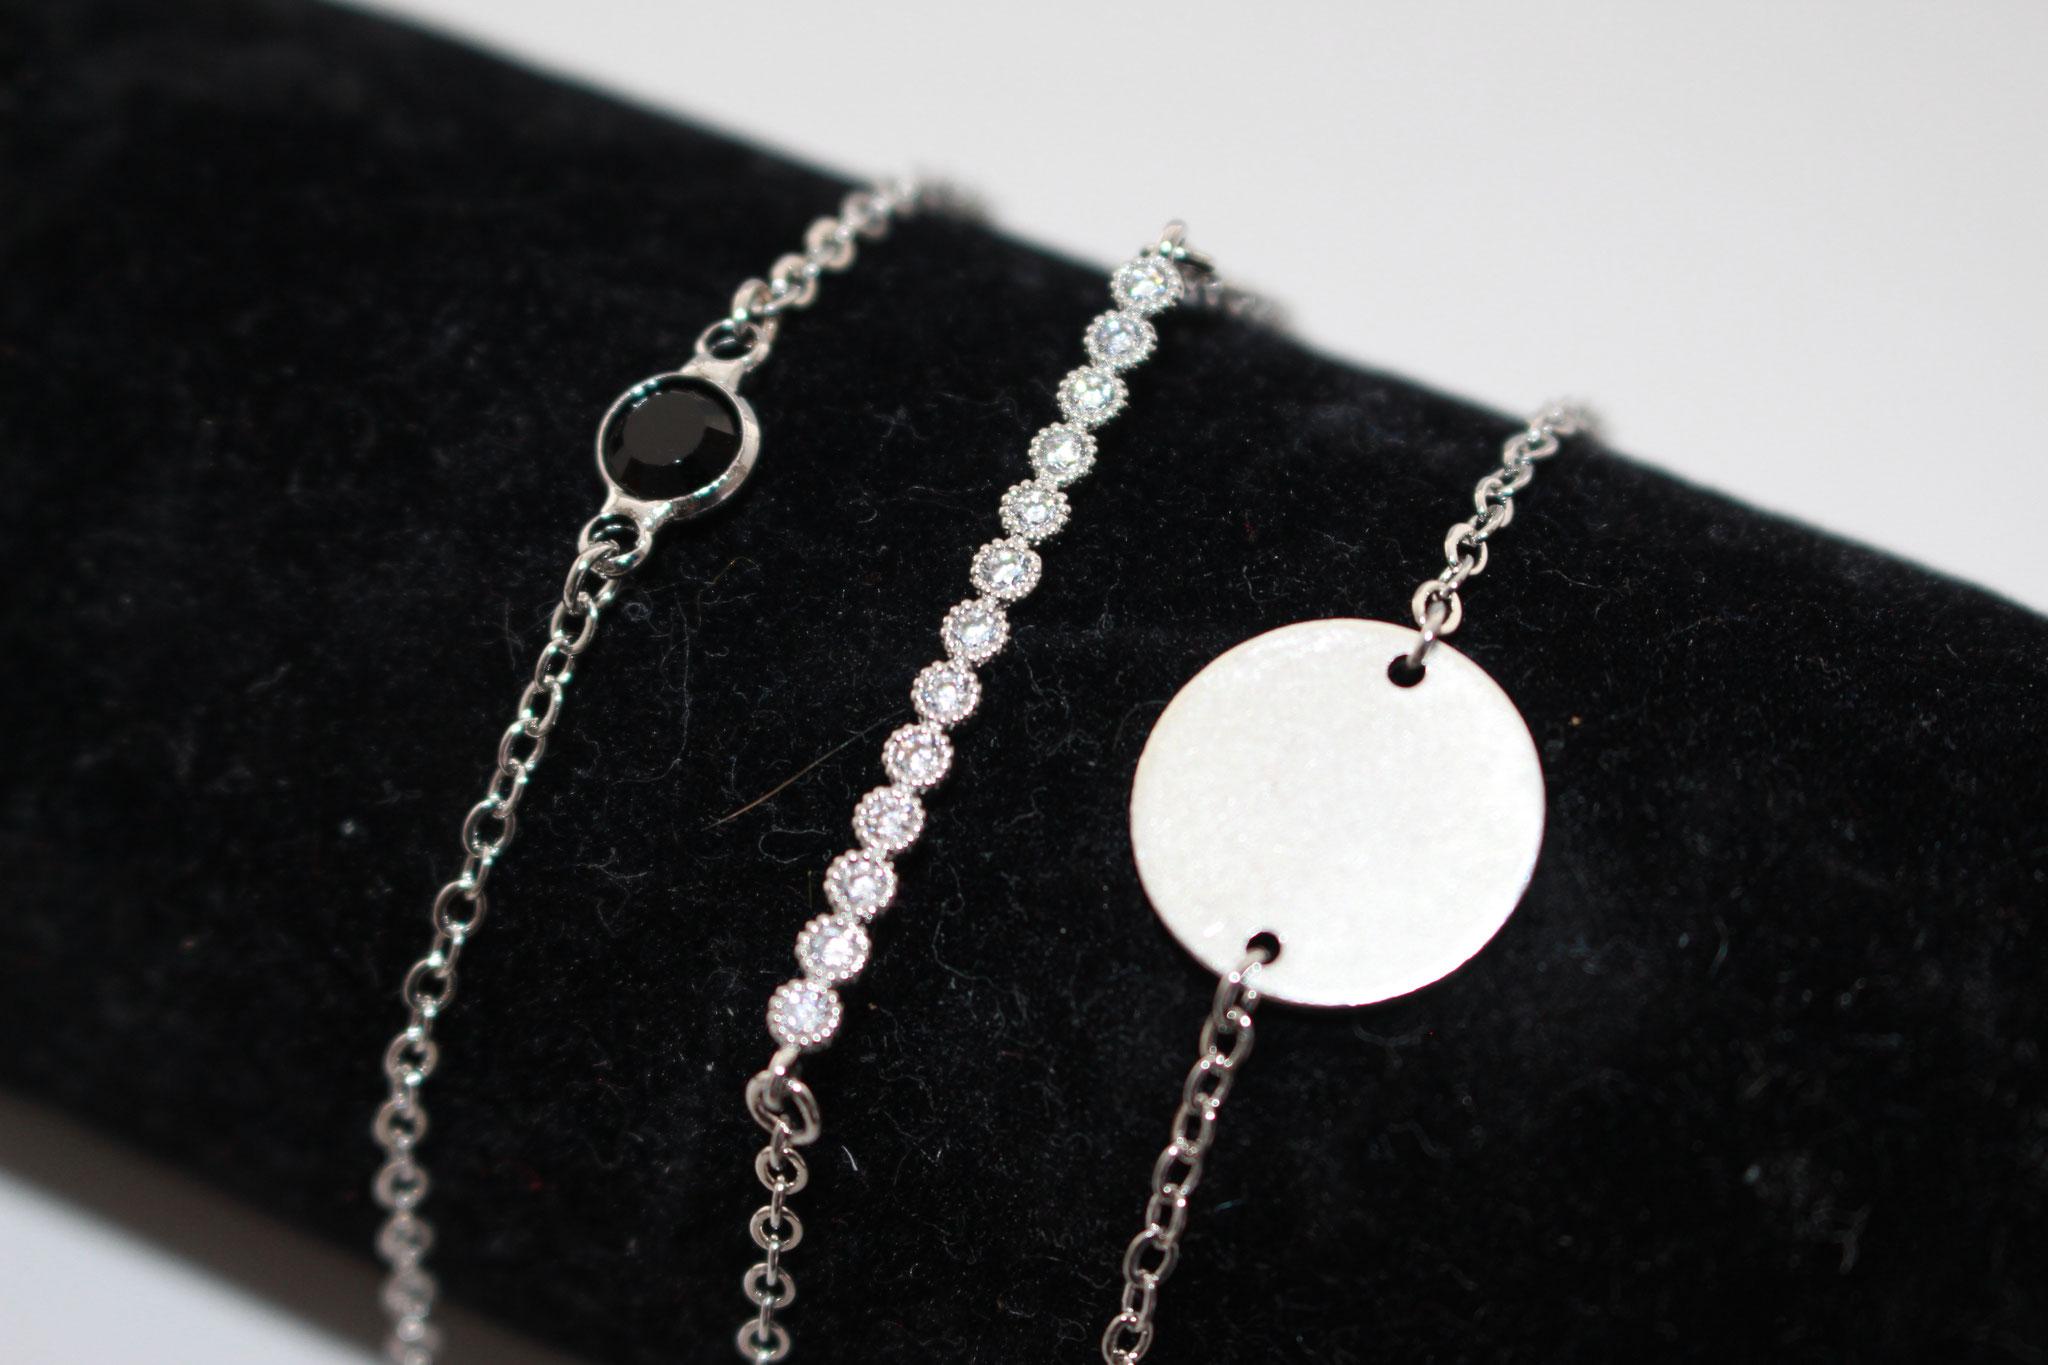 NEU - Armketten in Silber